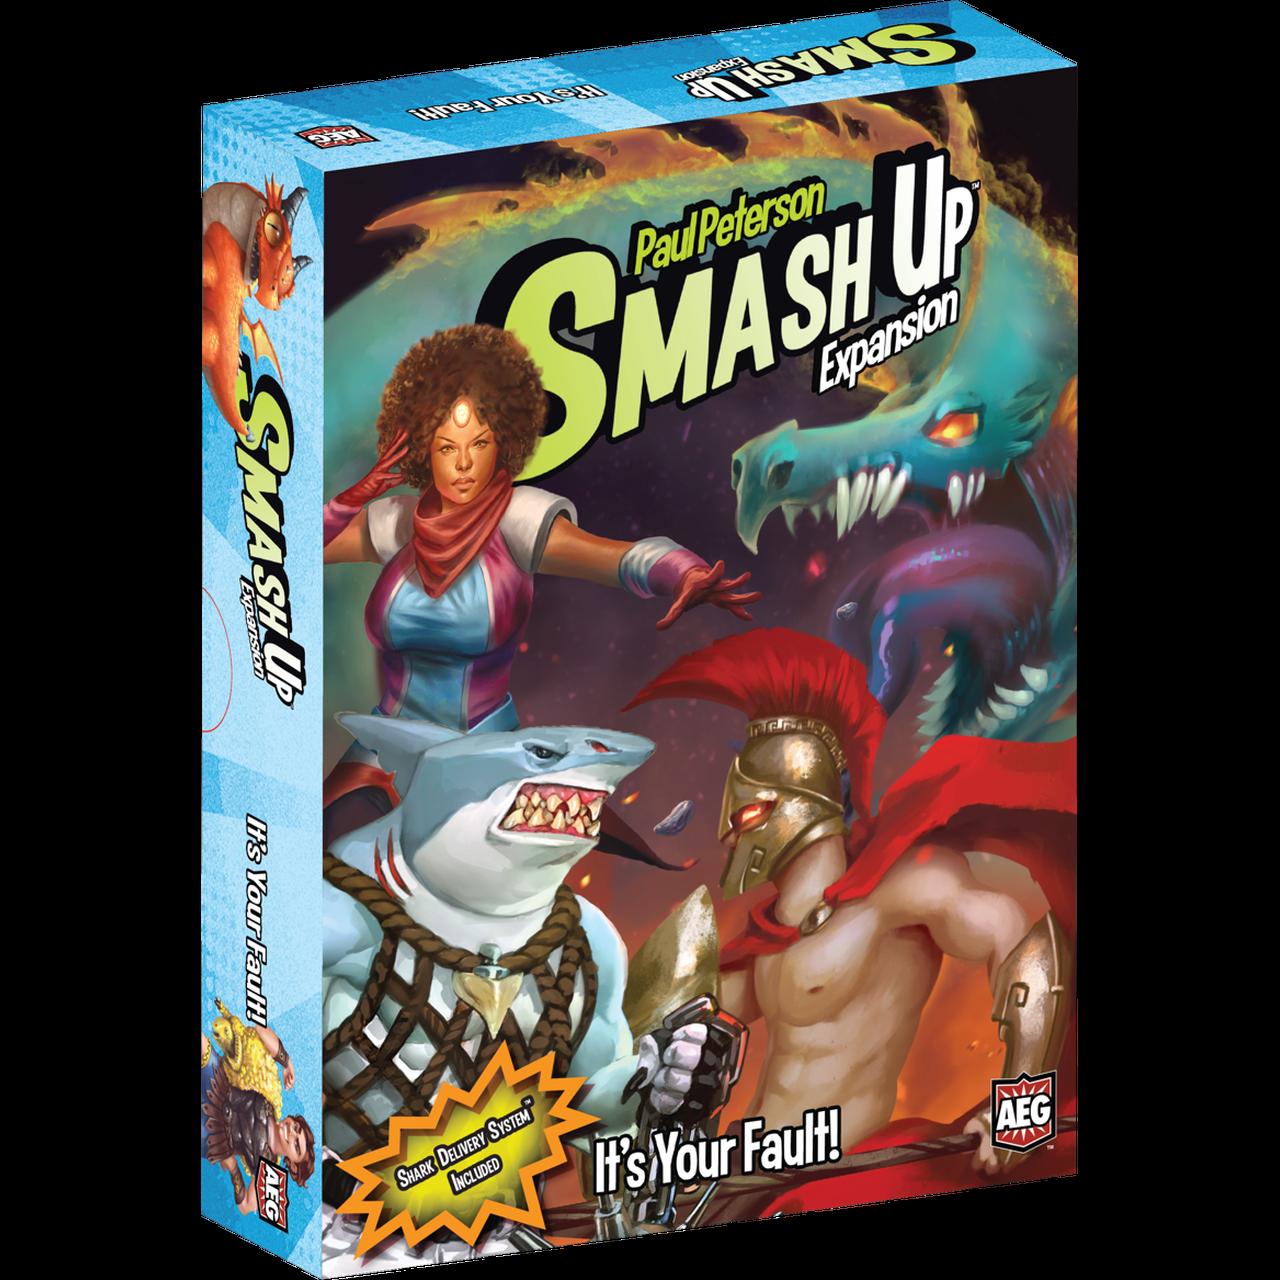 Smash Up It's Your Fault 1